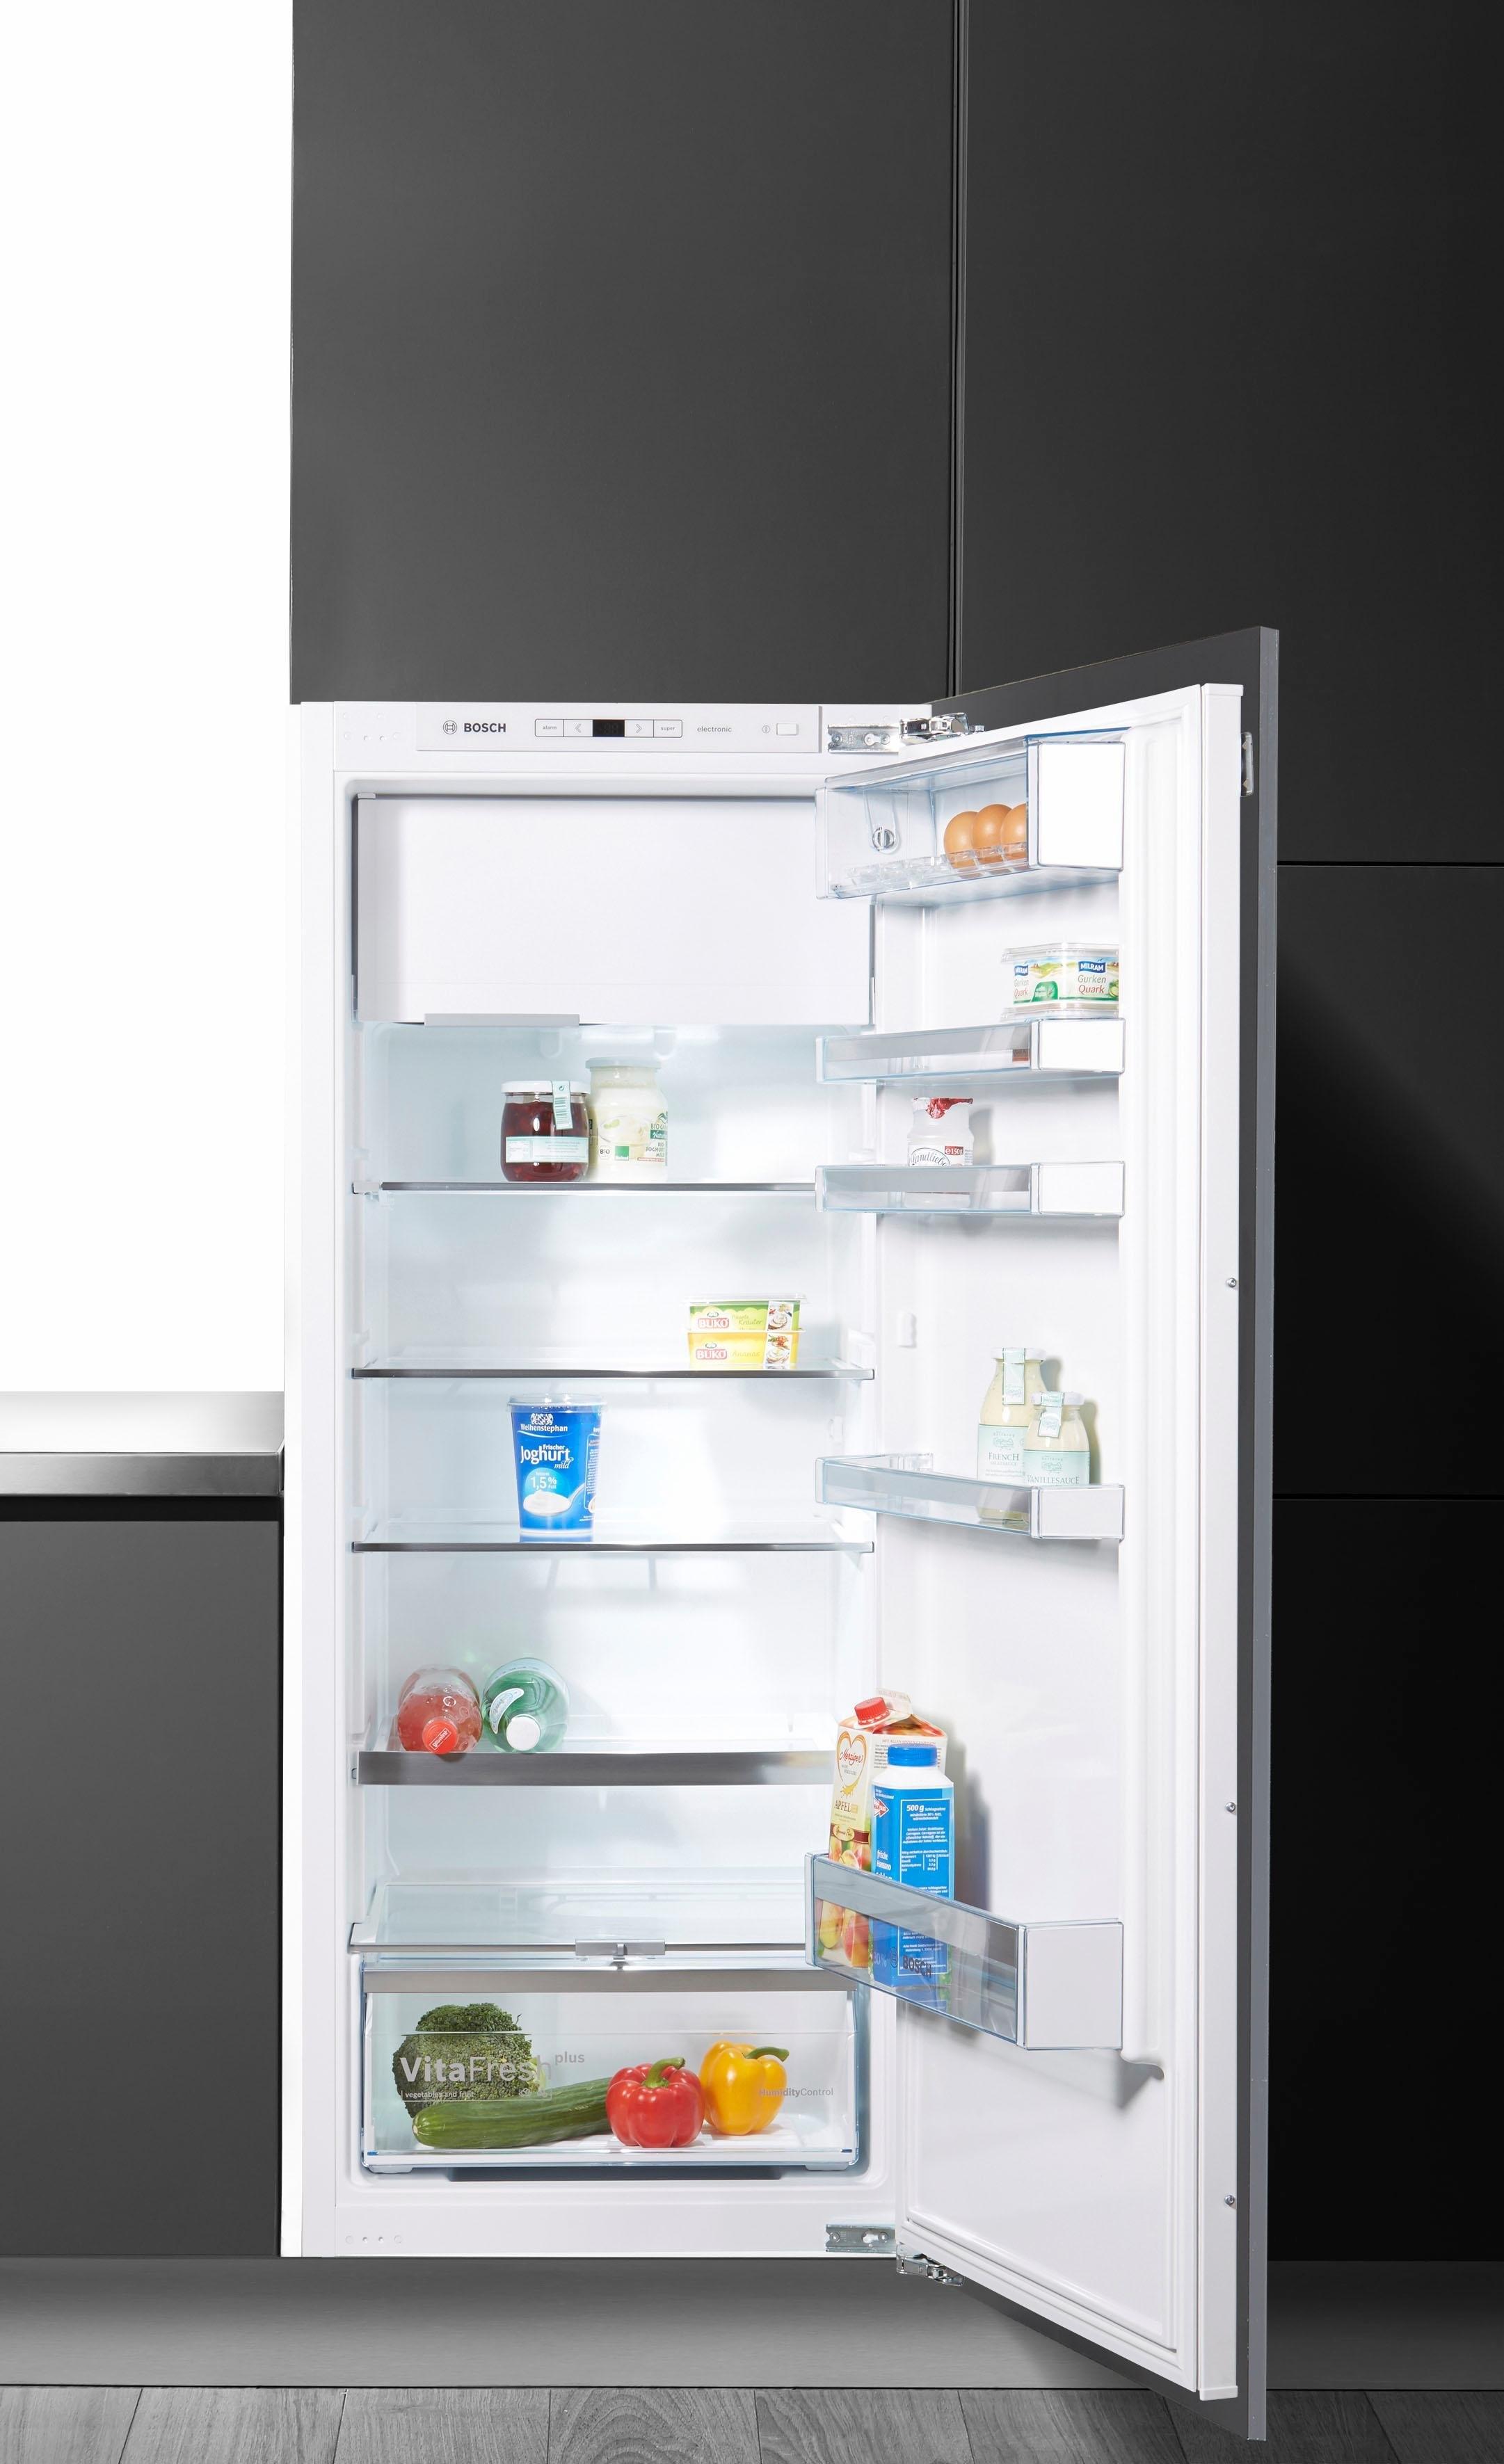 Bosch volledig integreerbare inbouwkoelkast KIL52AD40, energieklasse A+++, 140 cm hoog voordelig en veilig online kopen